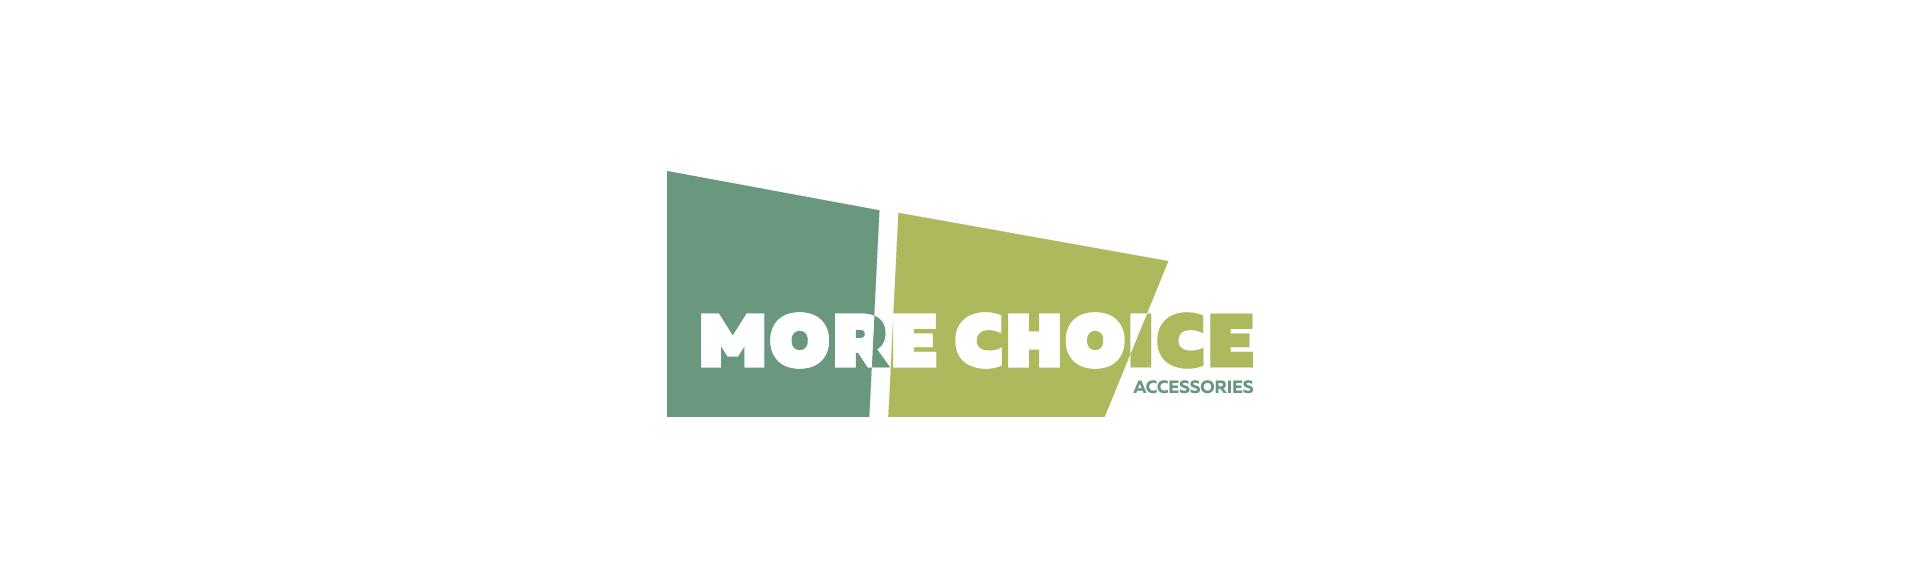 More Choice - HMS Brands - кейсы, брендинг - логотип